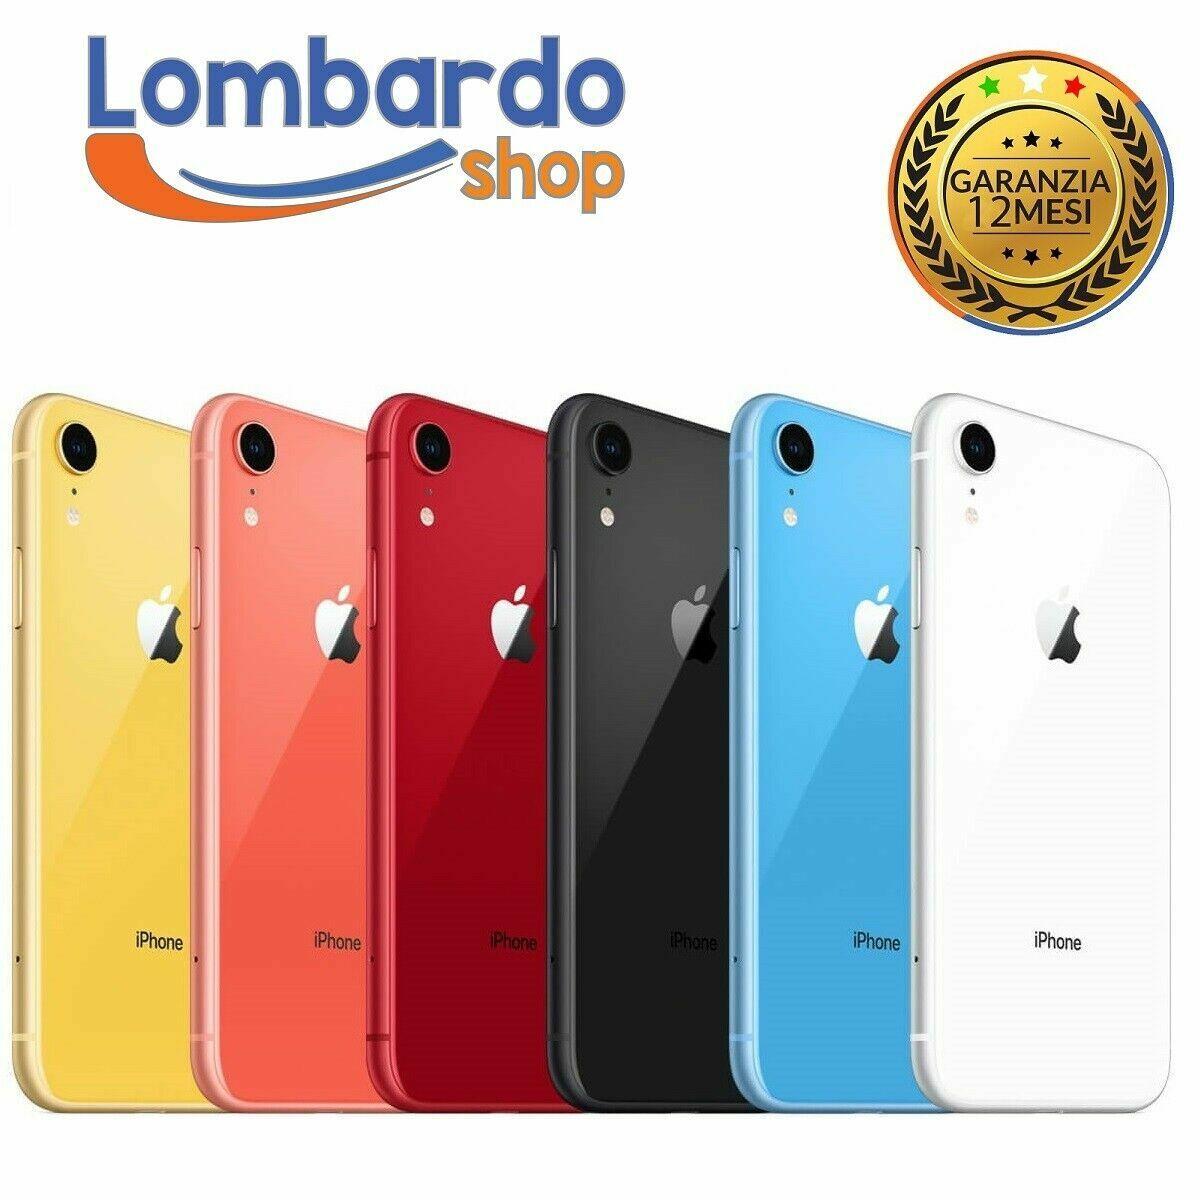 iPhone: IPHONE XR RICONDIZIONATO 64GB GRADO C BIANCO NERO RED APPLE RIGENERATO ORIGINALE